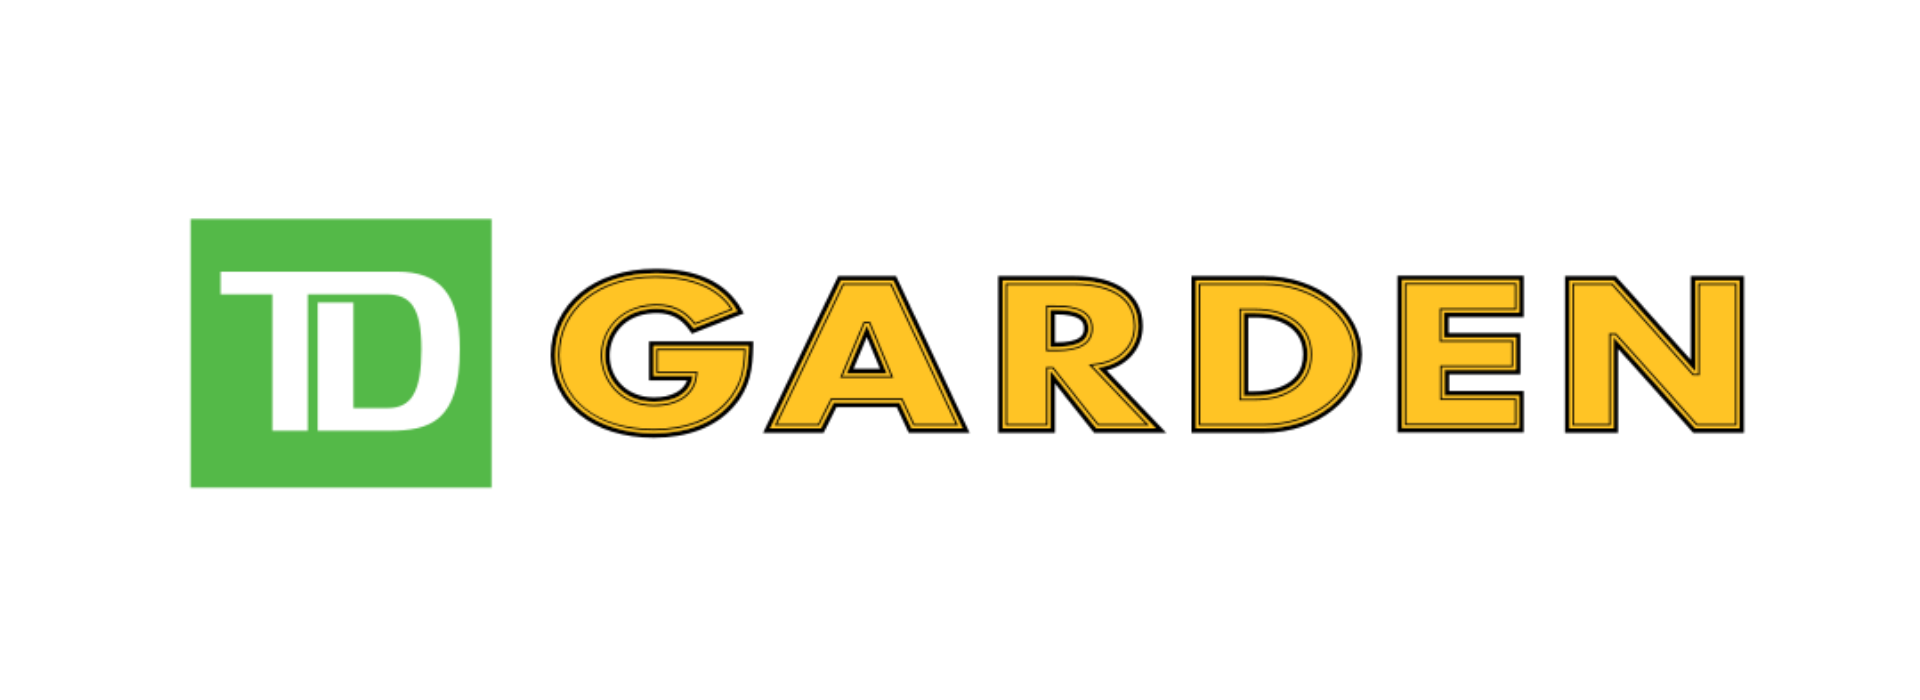 TD Garden logo